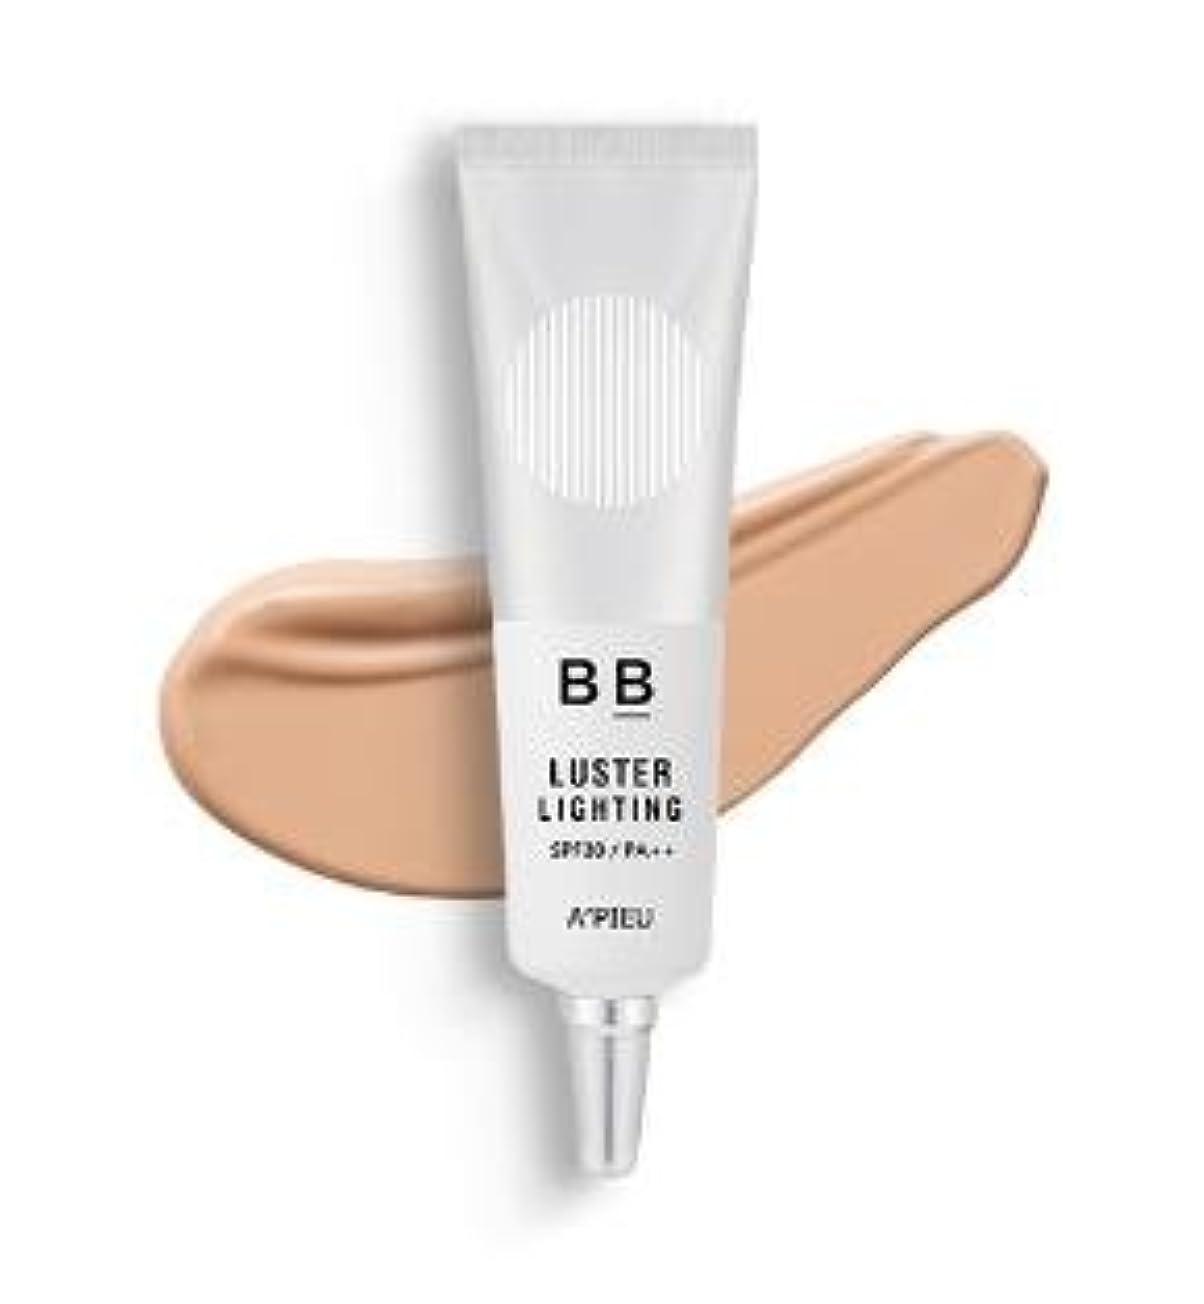 舌なインフルエンザママAPIEU Luster Lighting BB Cream No.23 アピュ 潤光 BB クリーム20g [並行輸入品]